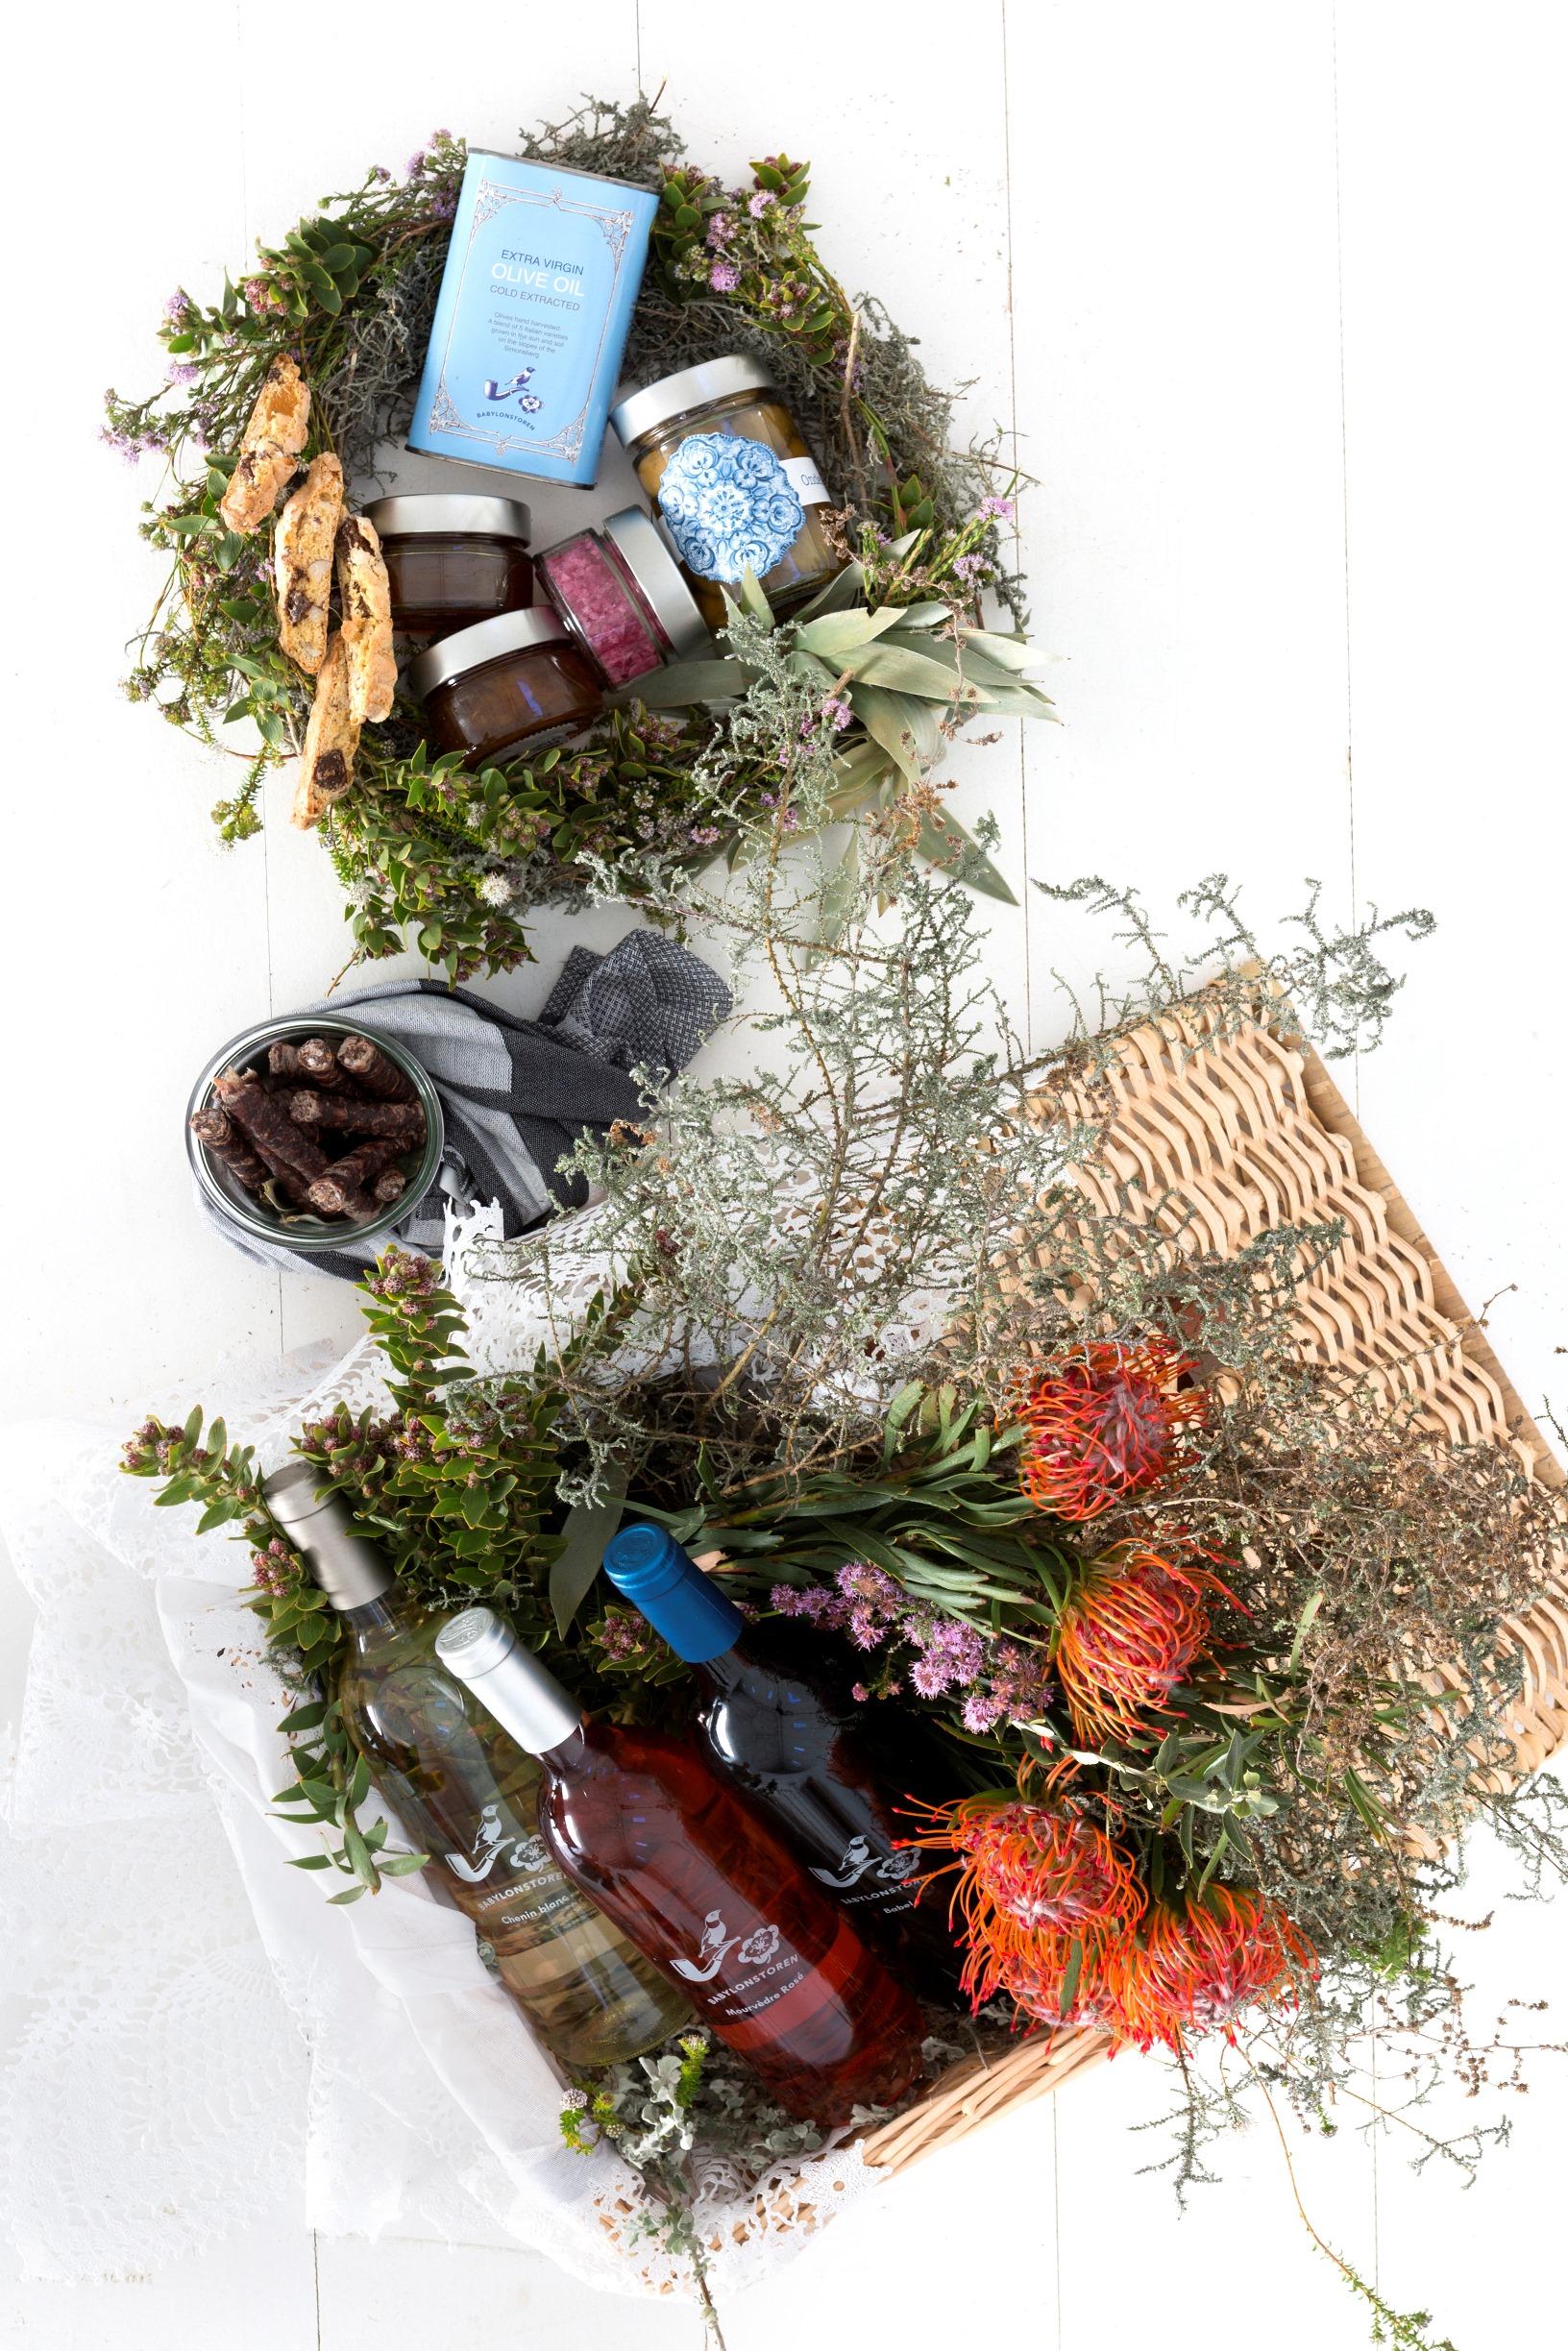 Babylonstoren picnic-hamper-packshot - 02 small